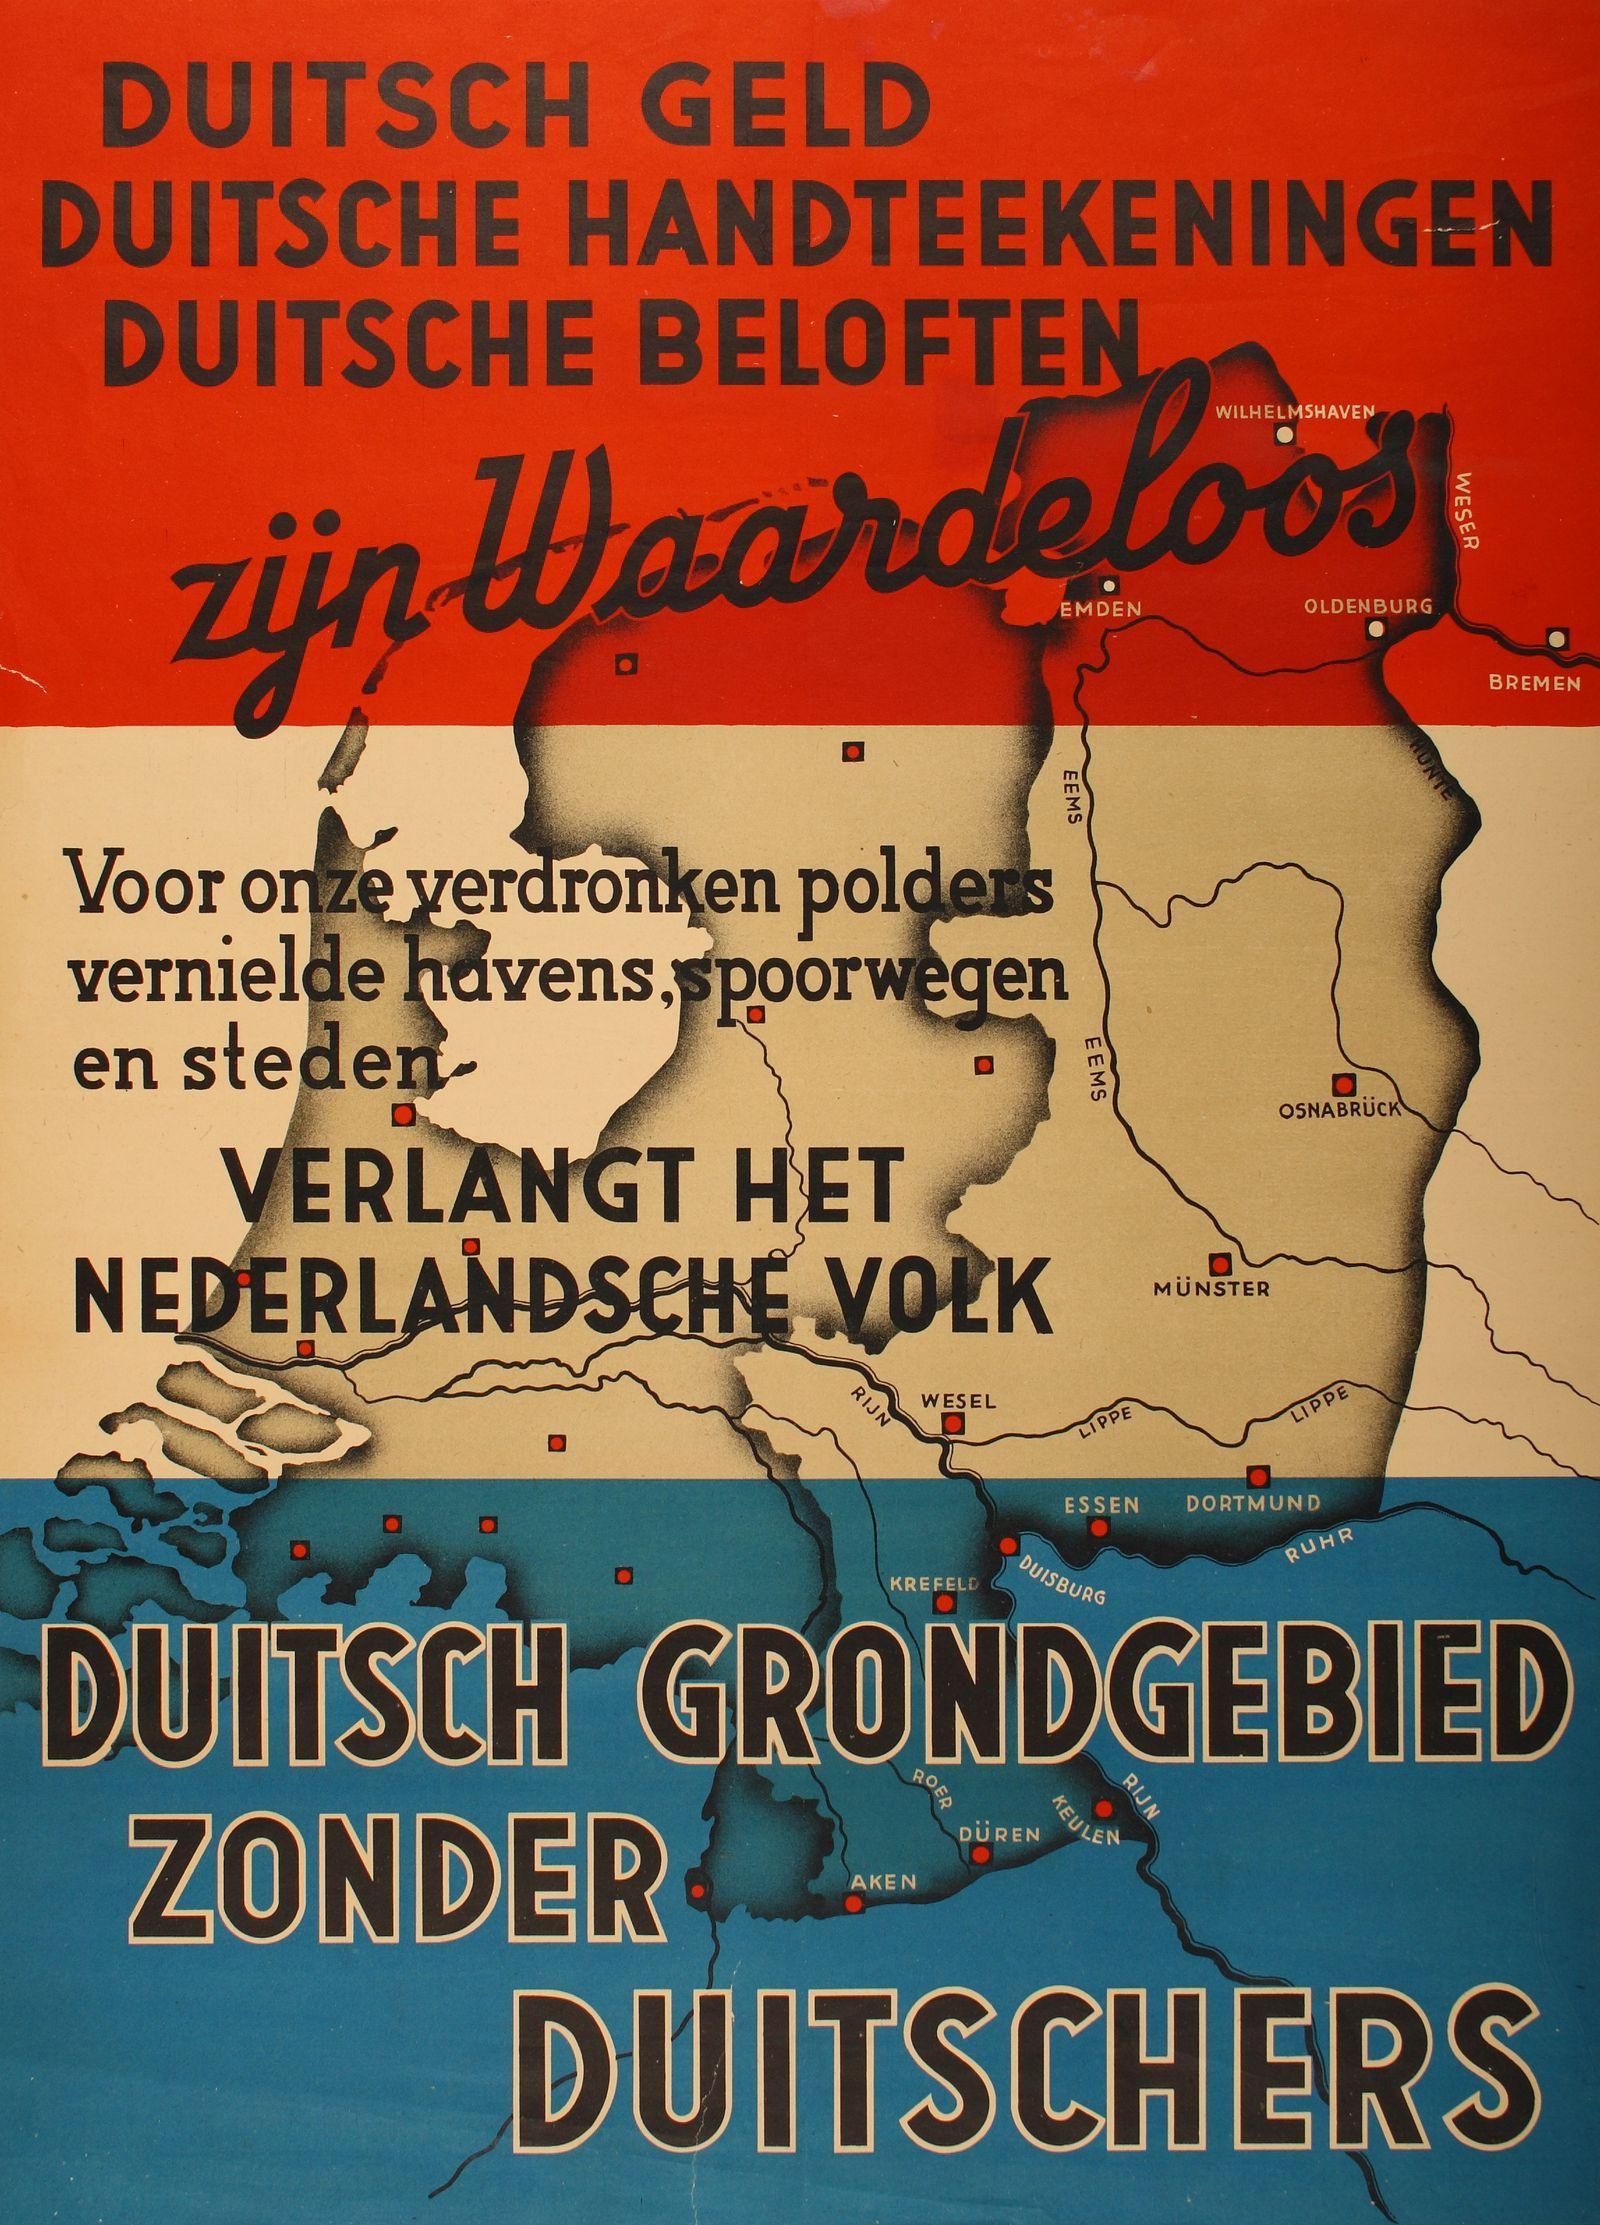 Ein Poster der Niederlande